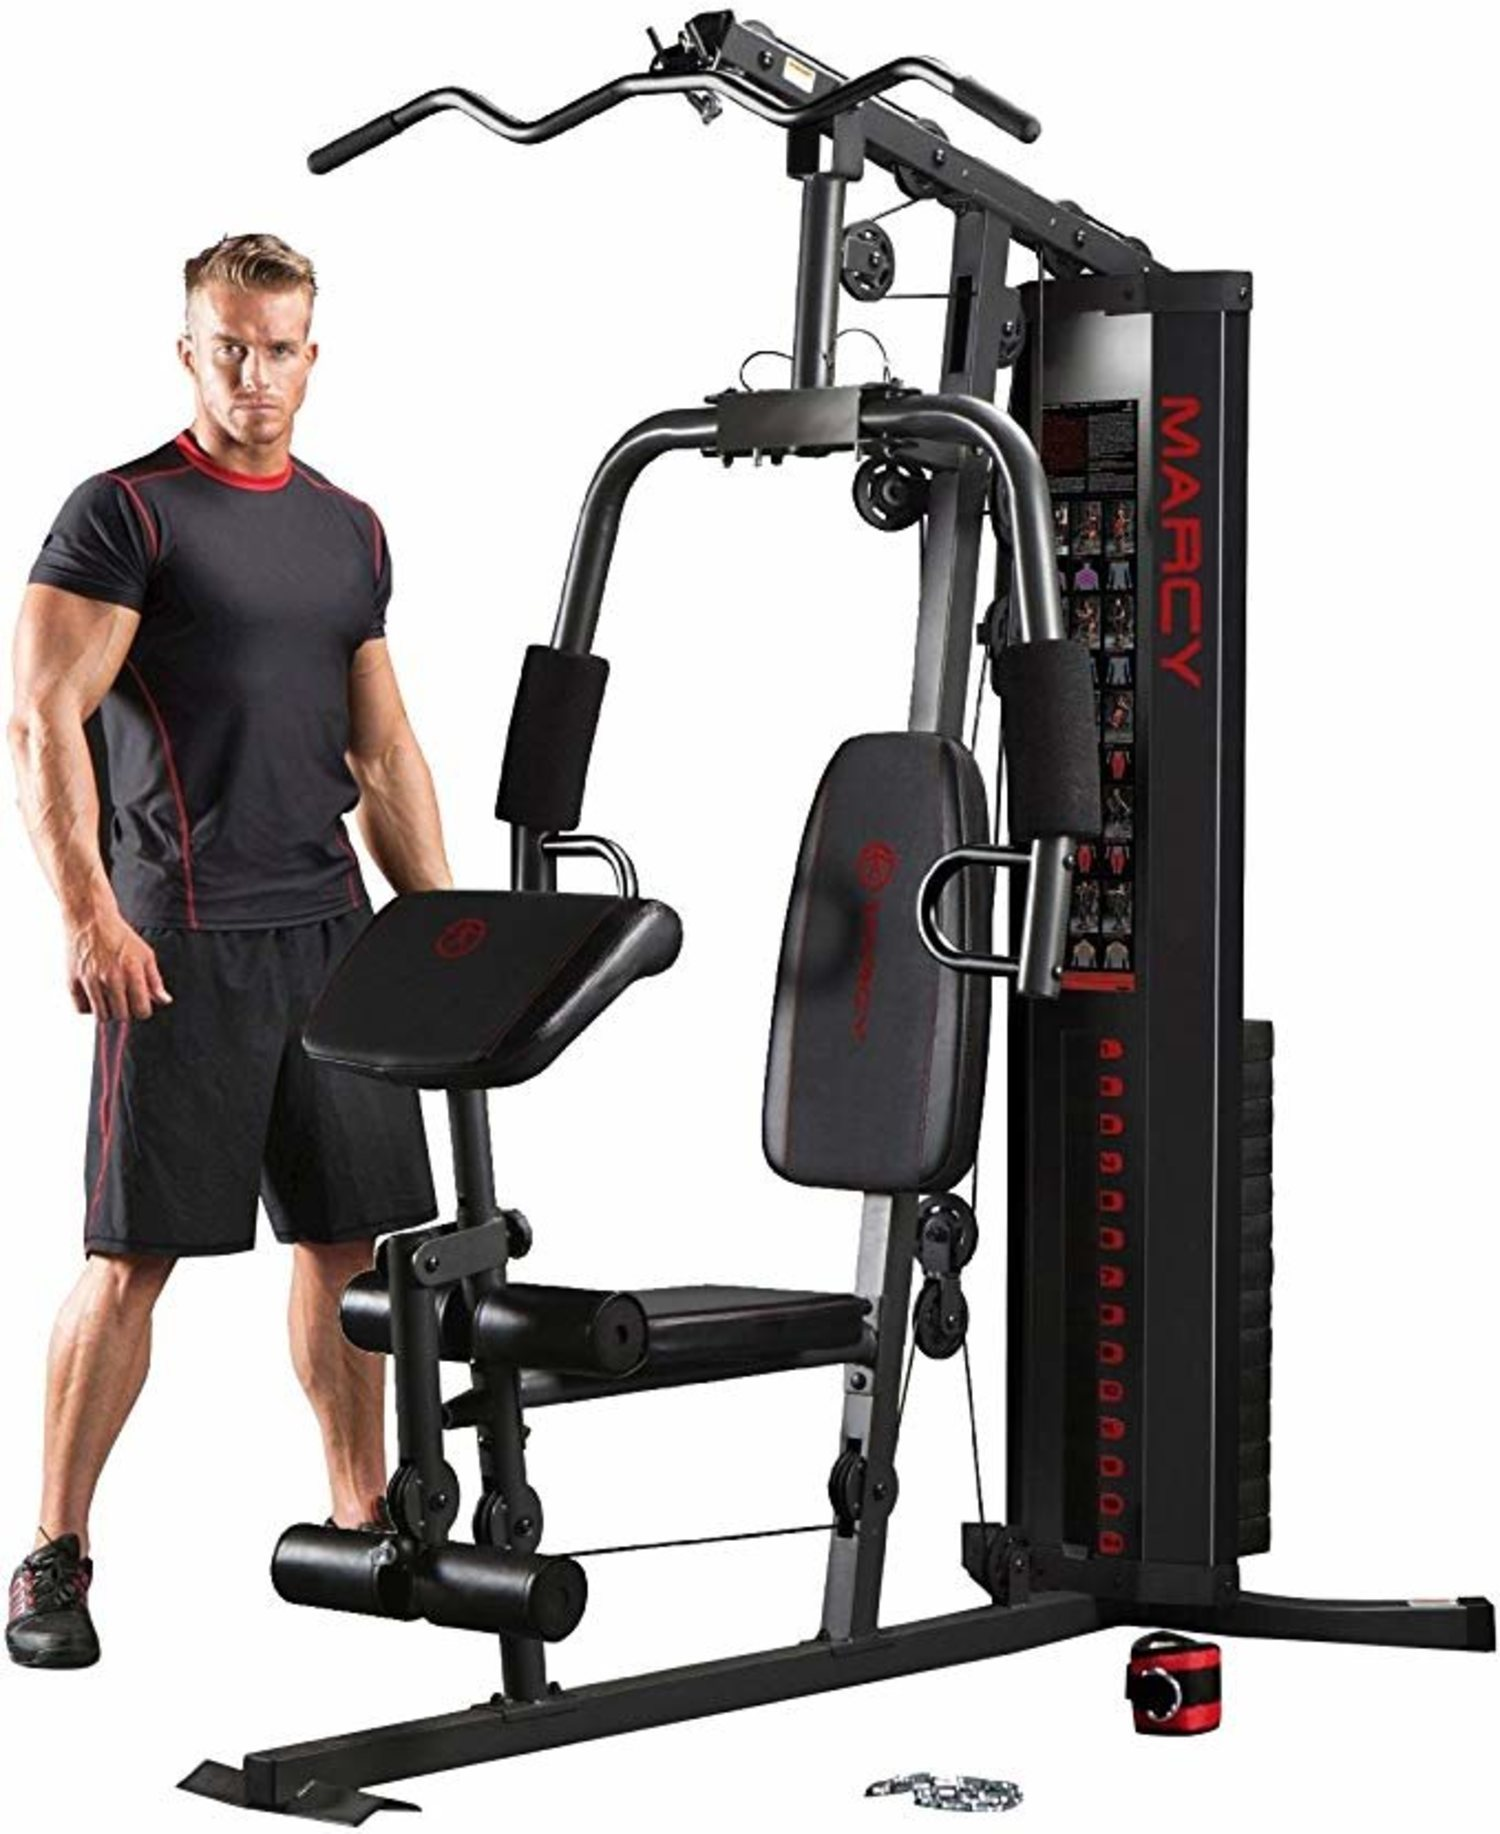 Máquina de musculación multigym Marcy, ideal para espacios reducidos.